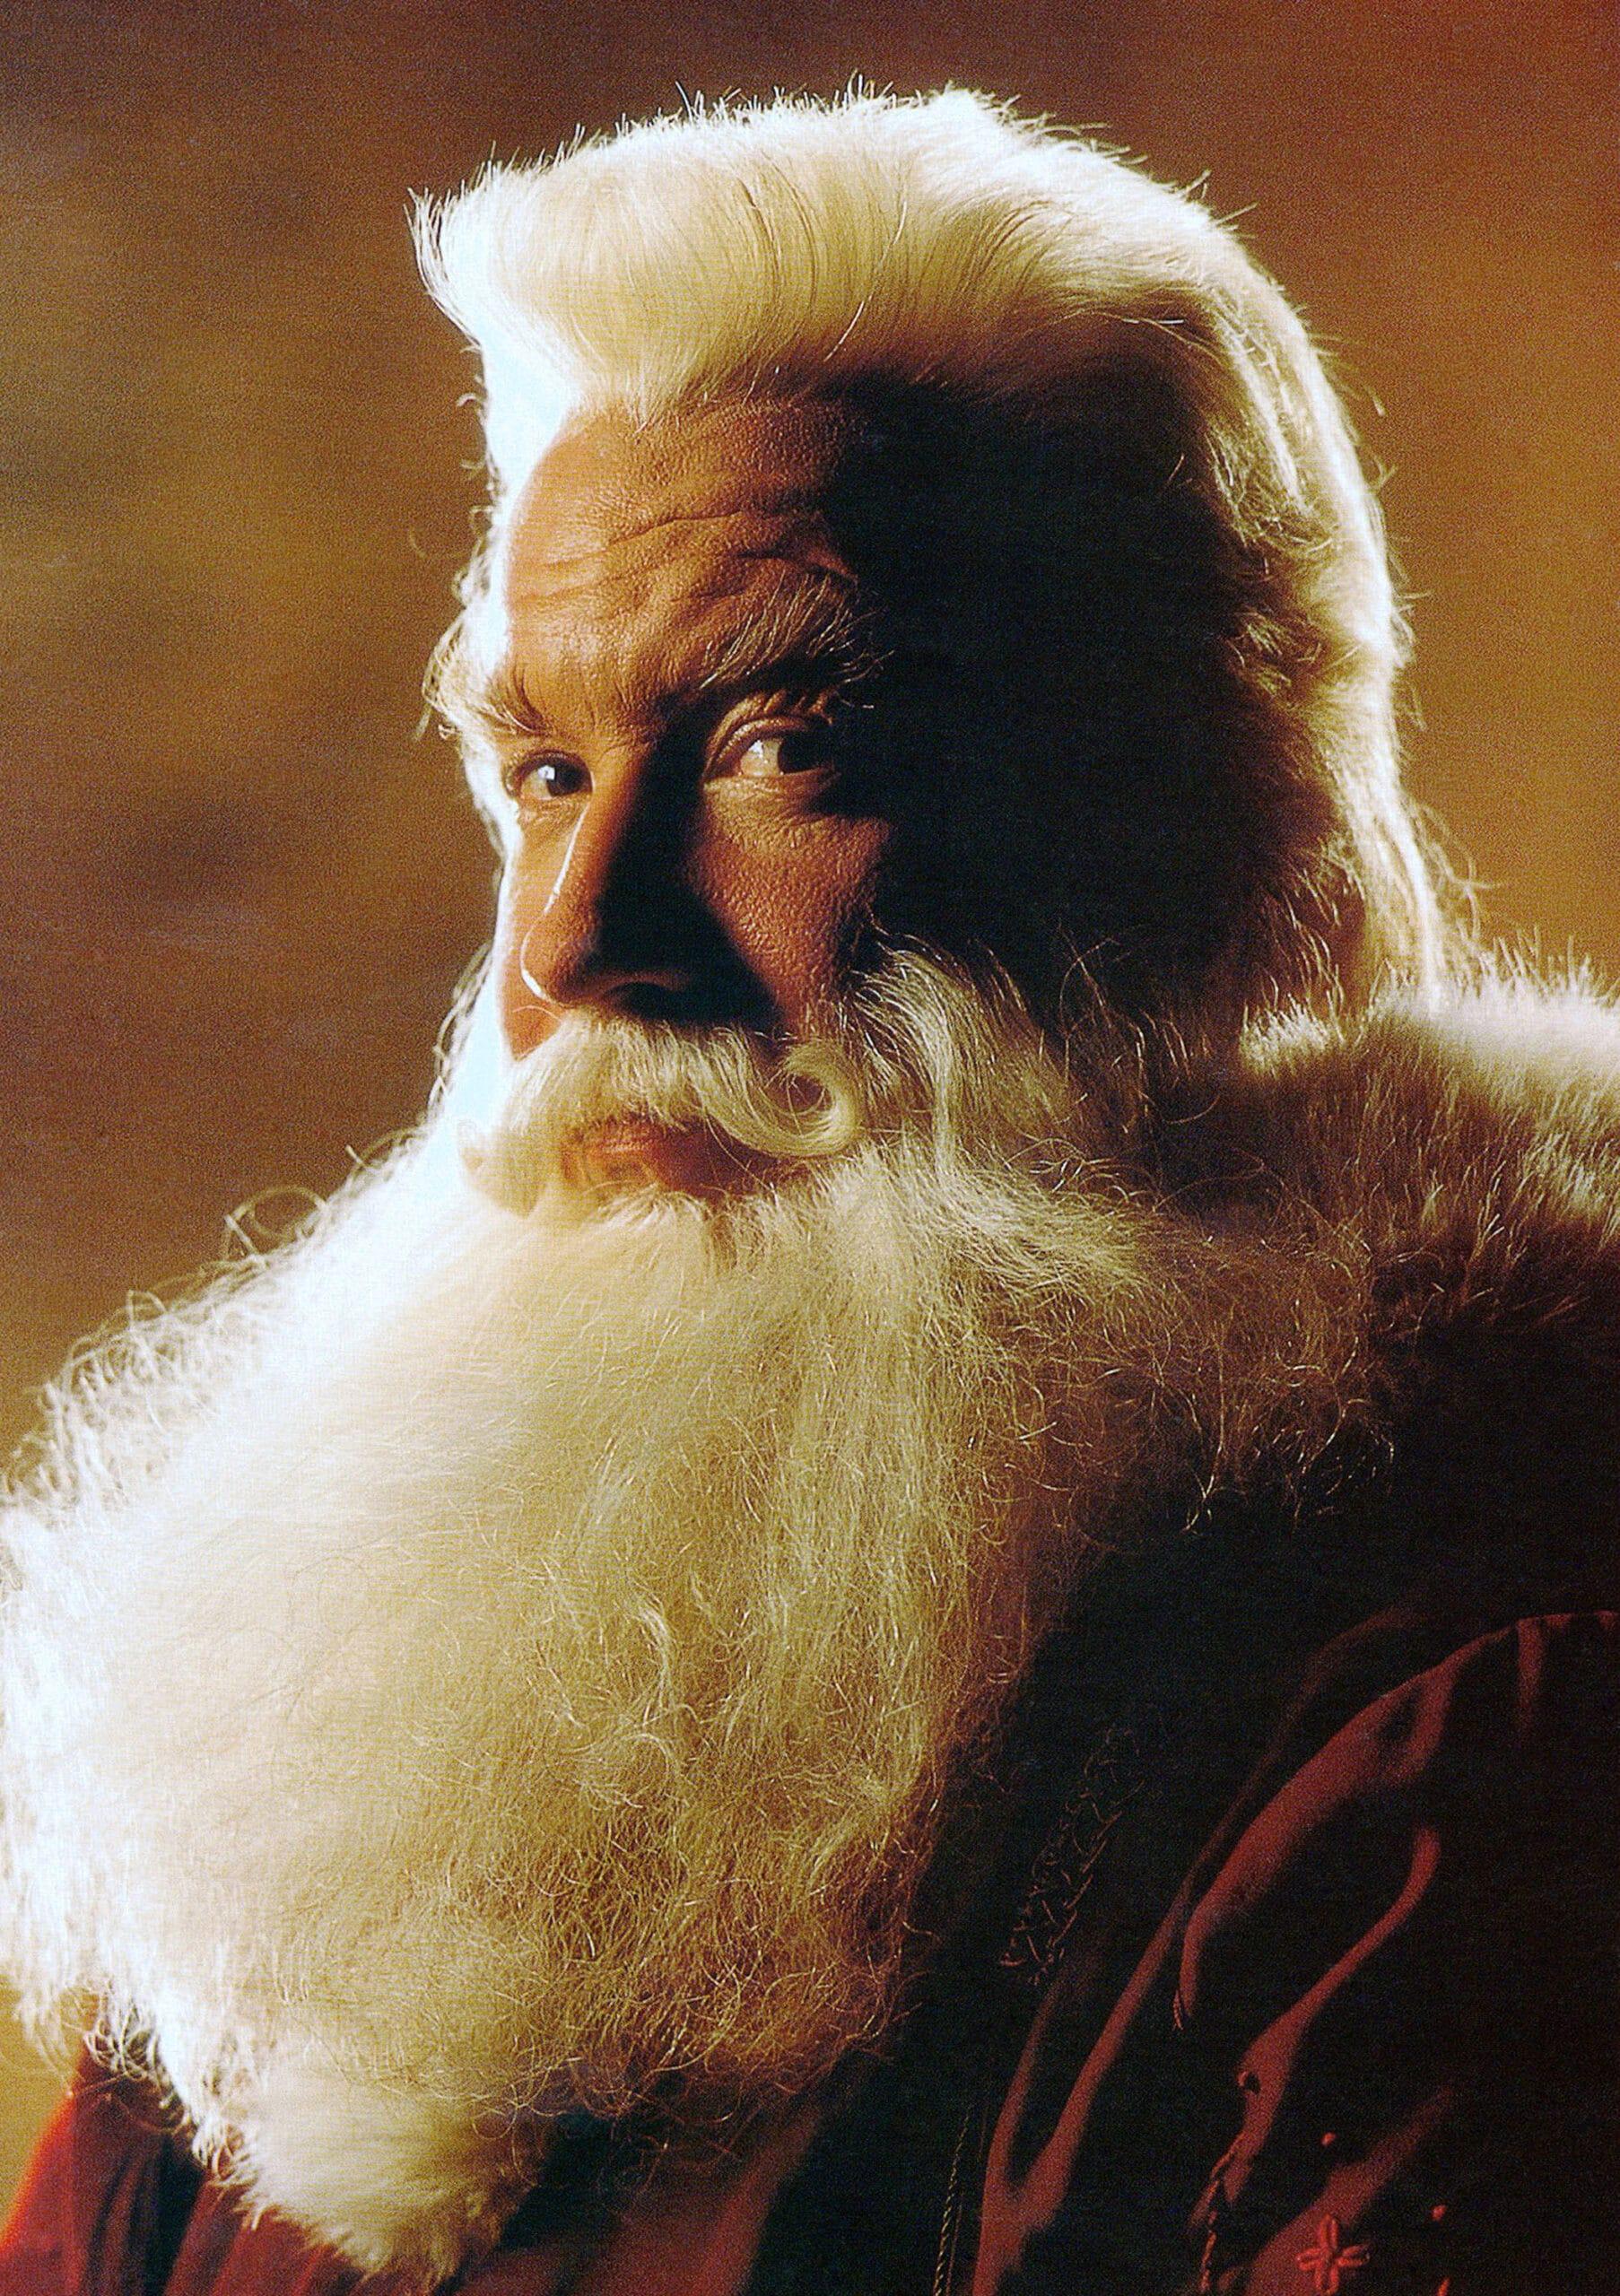 tim allen the santa clause